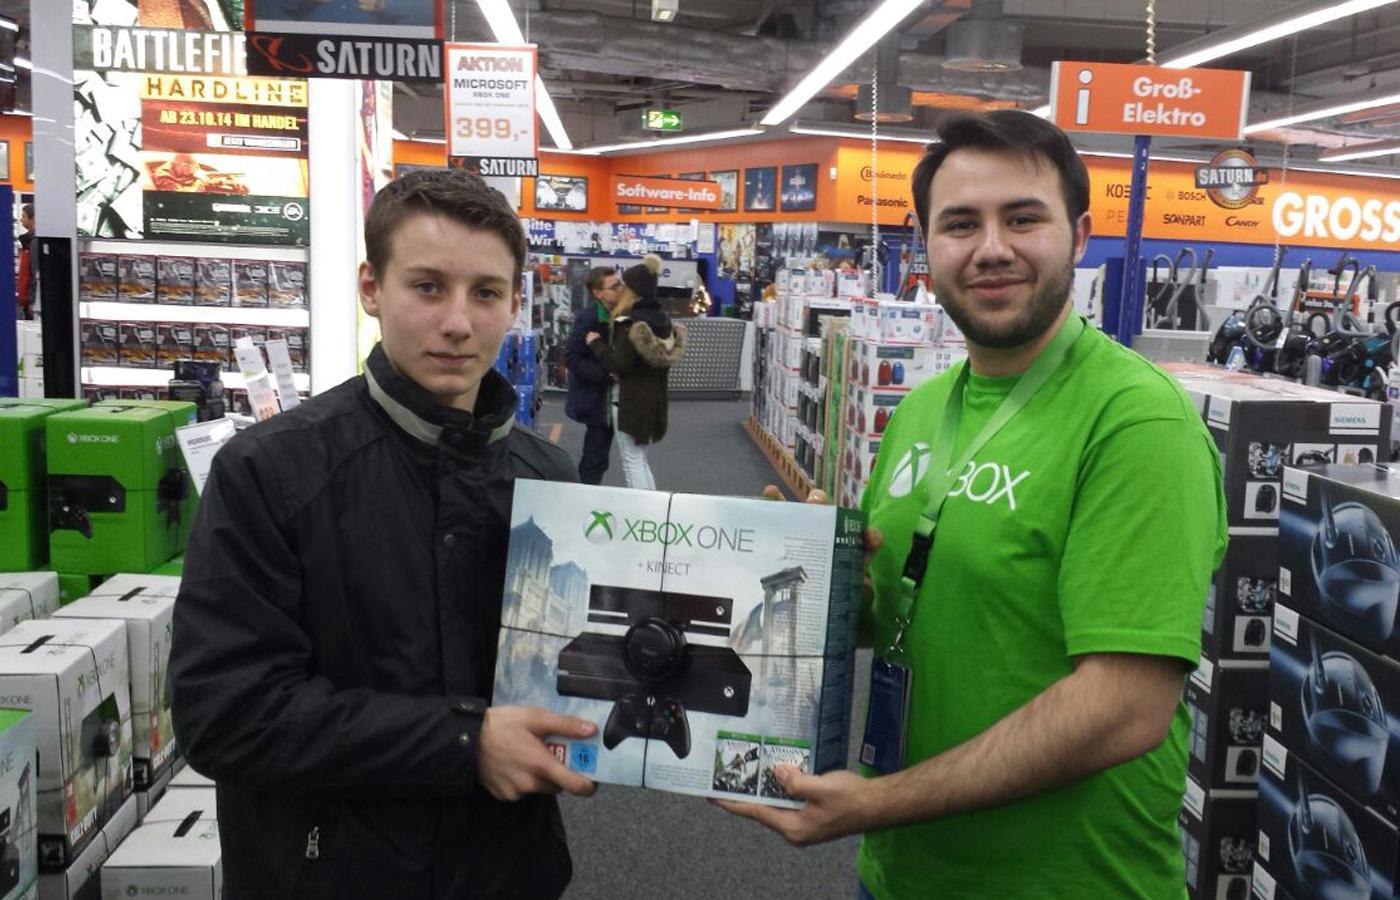 Microsoft – Xbox Xmas Promotion Tour